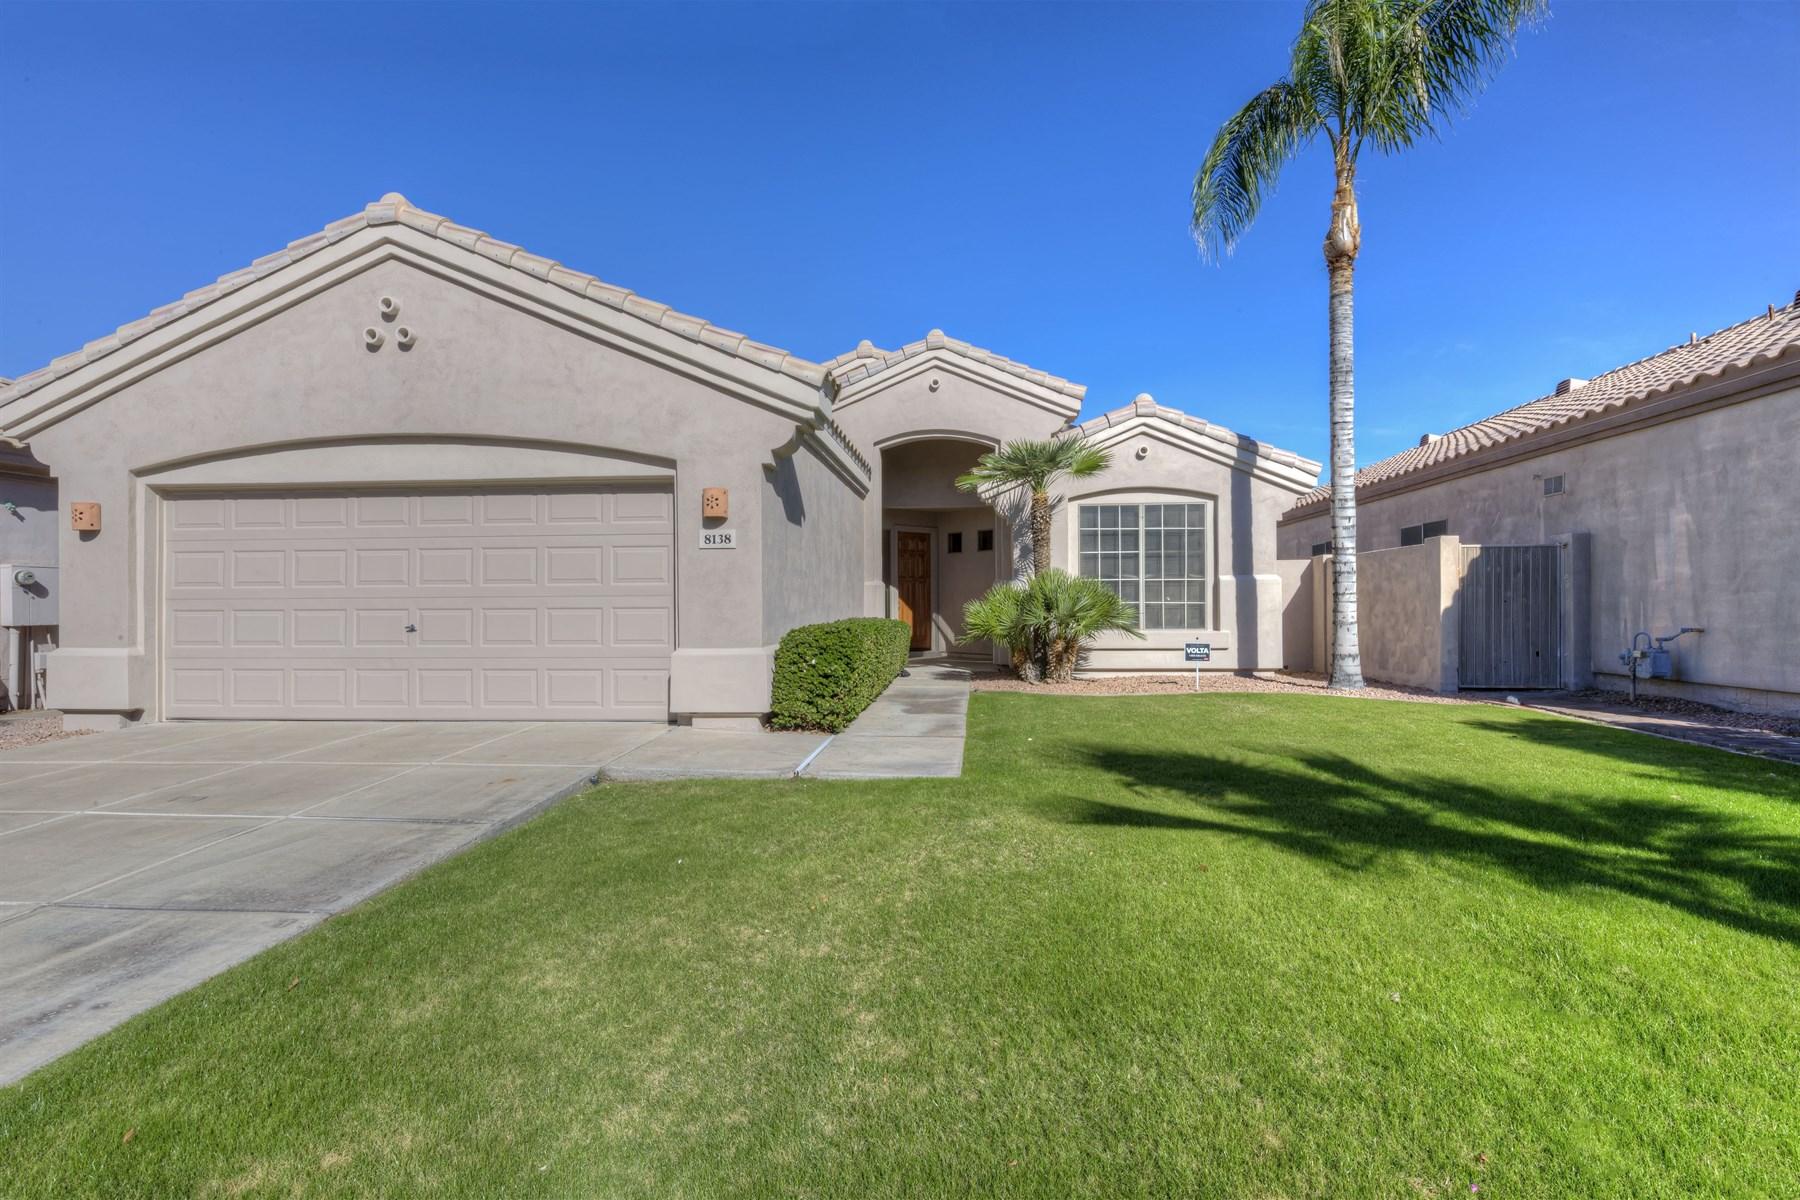 Villa per Vendita alle ore Spectacular single level home in the perfect Scottsdale location 8138 E Theresa Dr Scottsdale, Arizona 85255 Stati Uniti